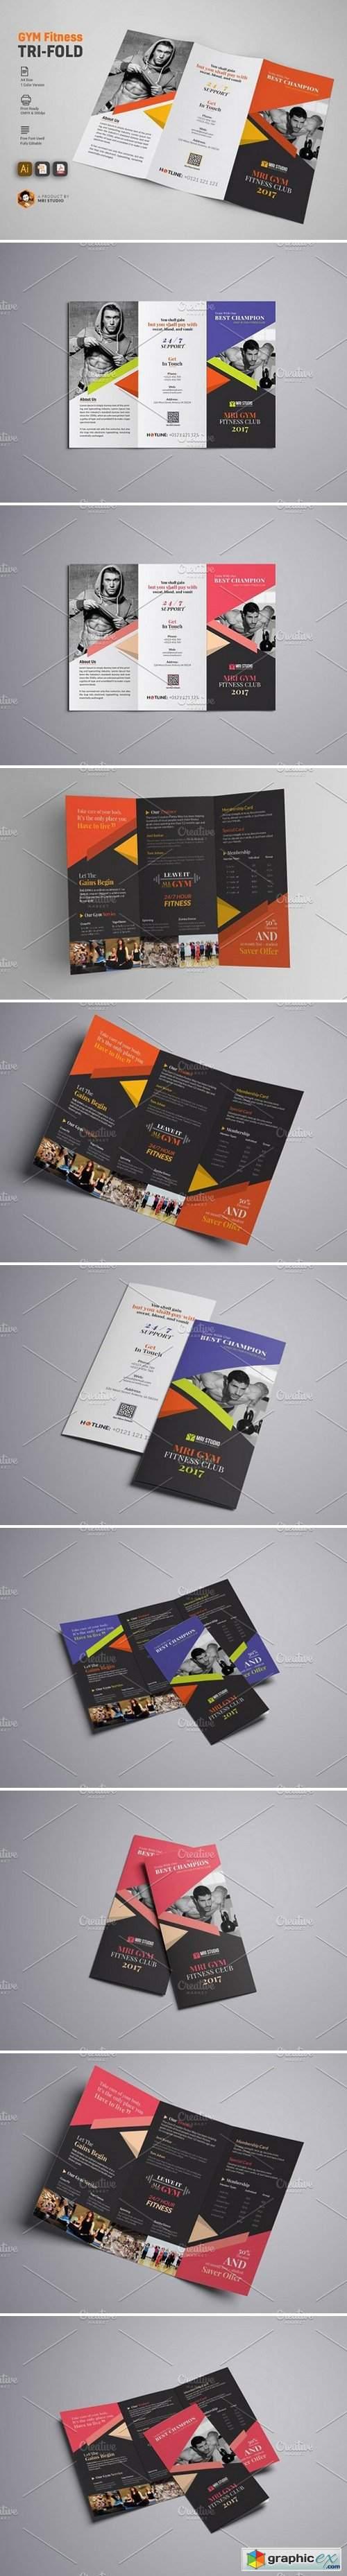 GYM Tri Fold Brochure